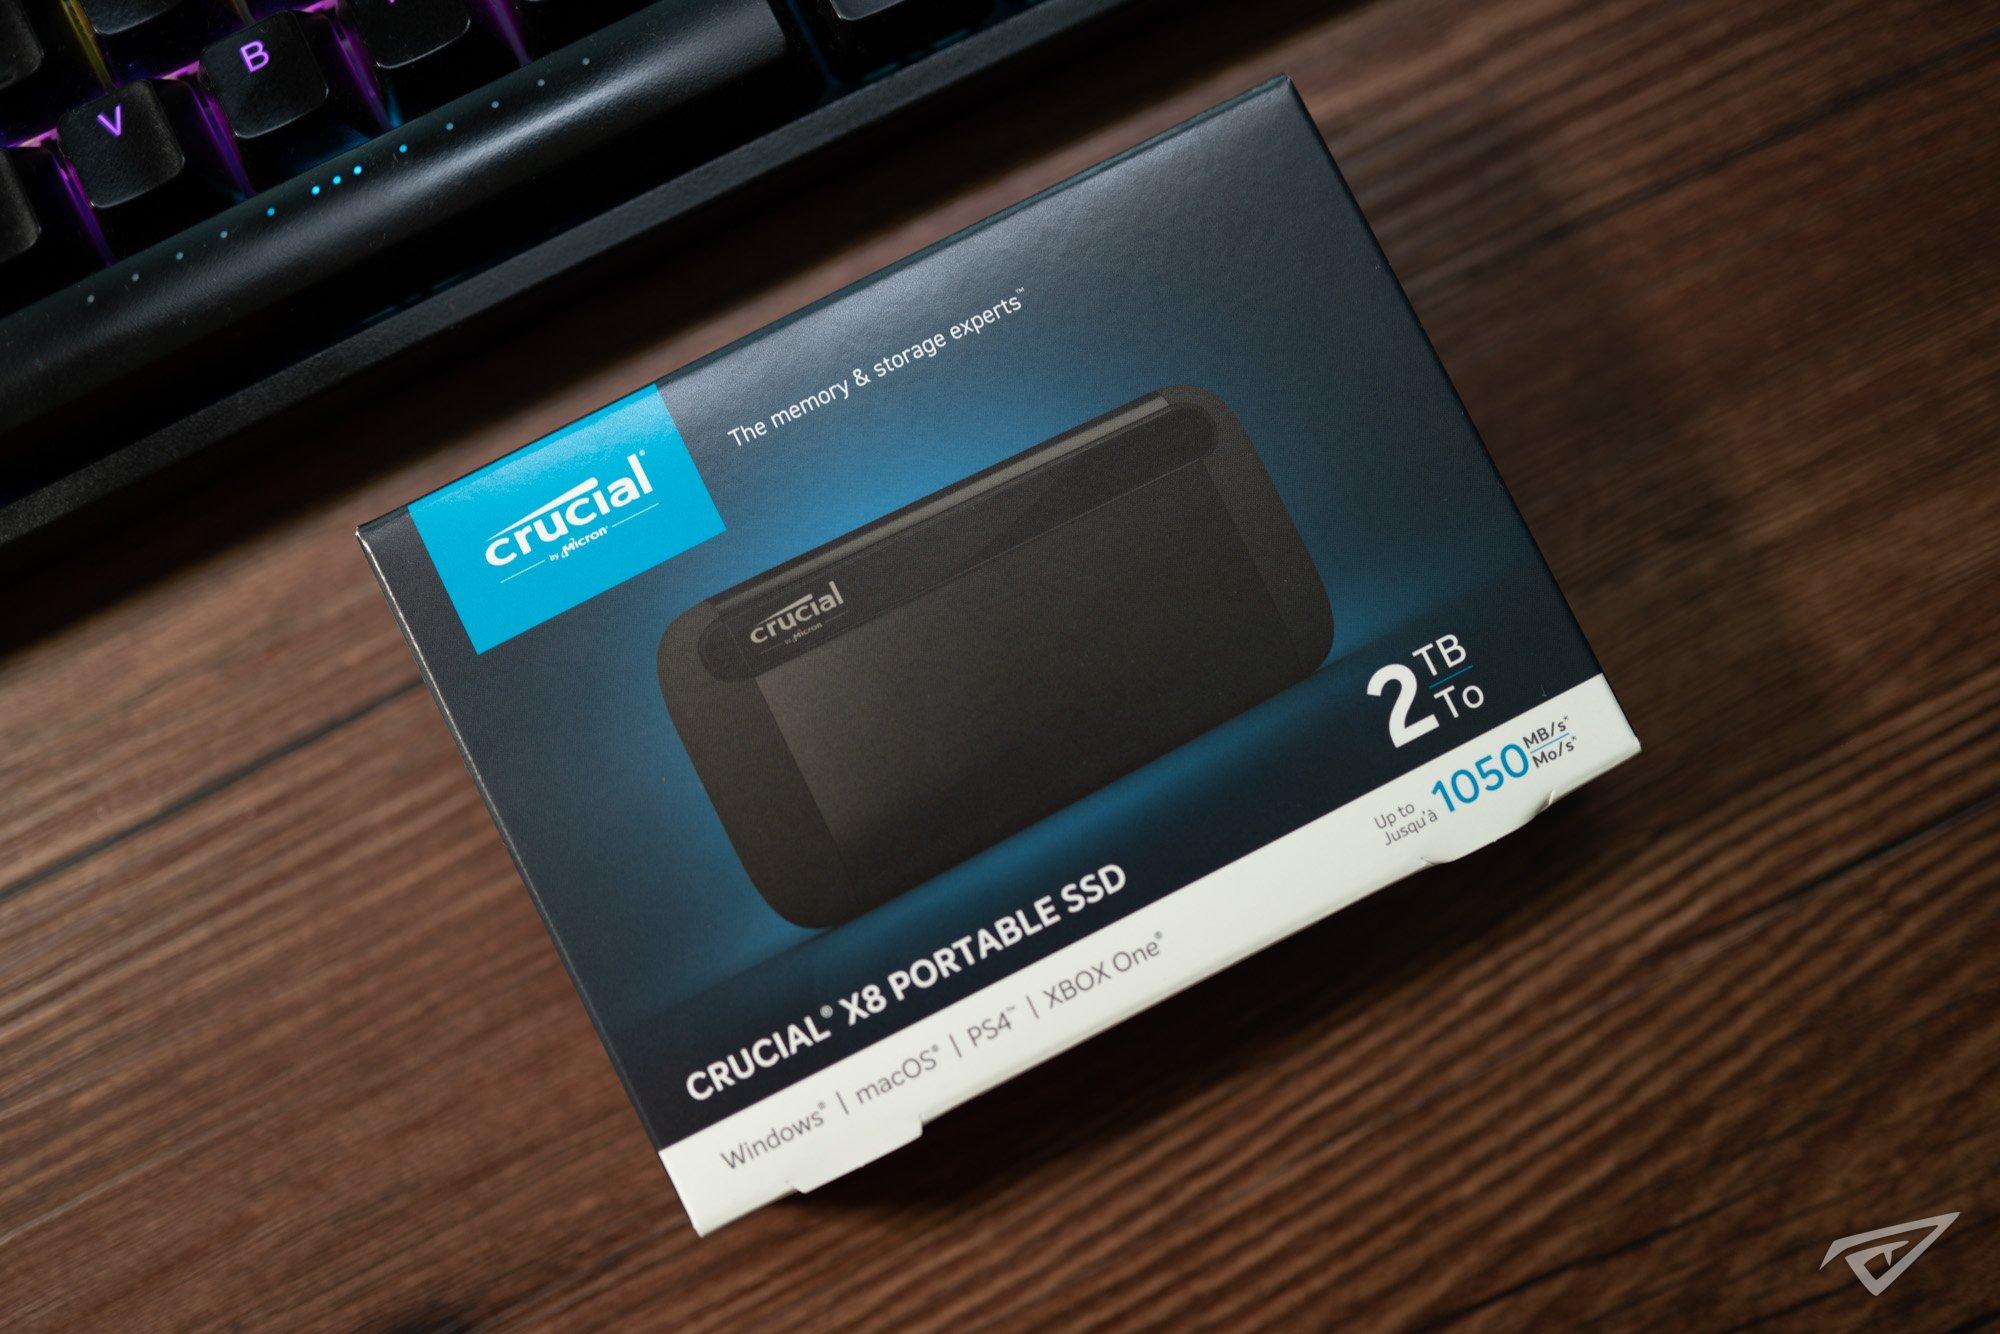 英睿达 Crucial X8 2TB 便携式 SSD 高清图赏